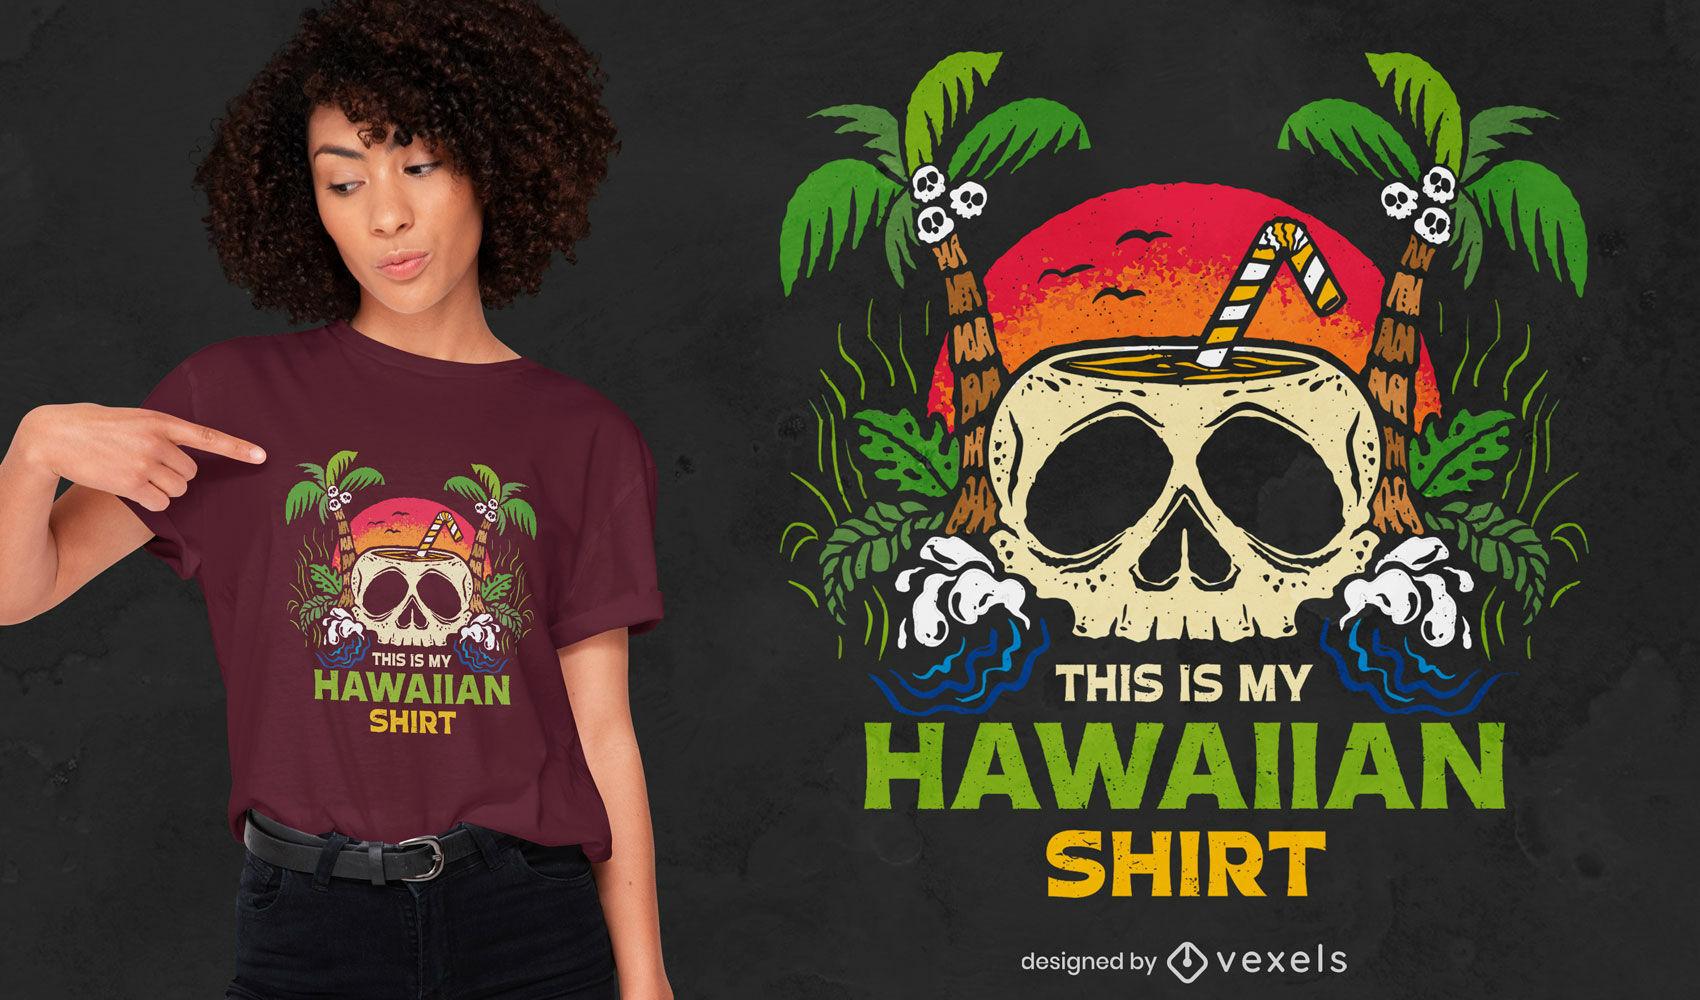 Este é o design da minha camiseta havaiana